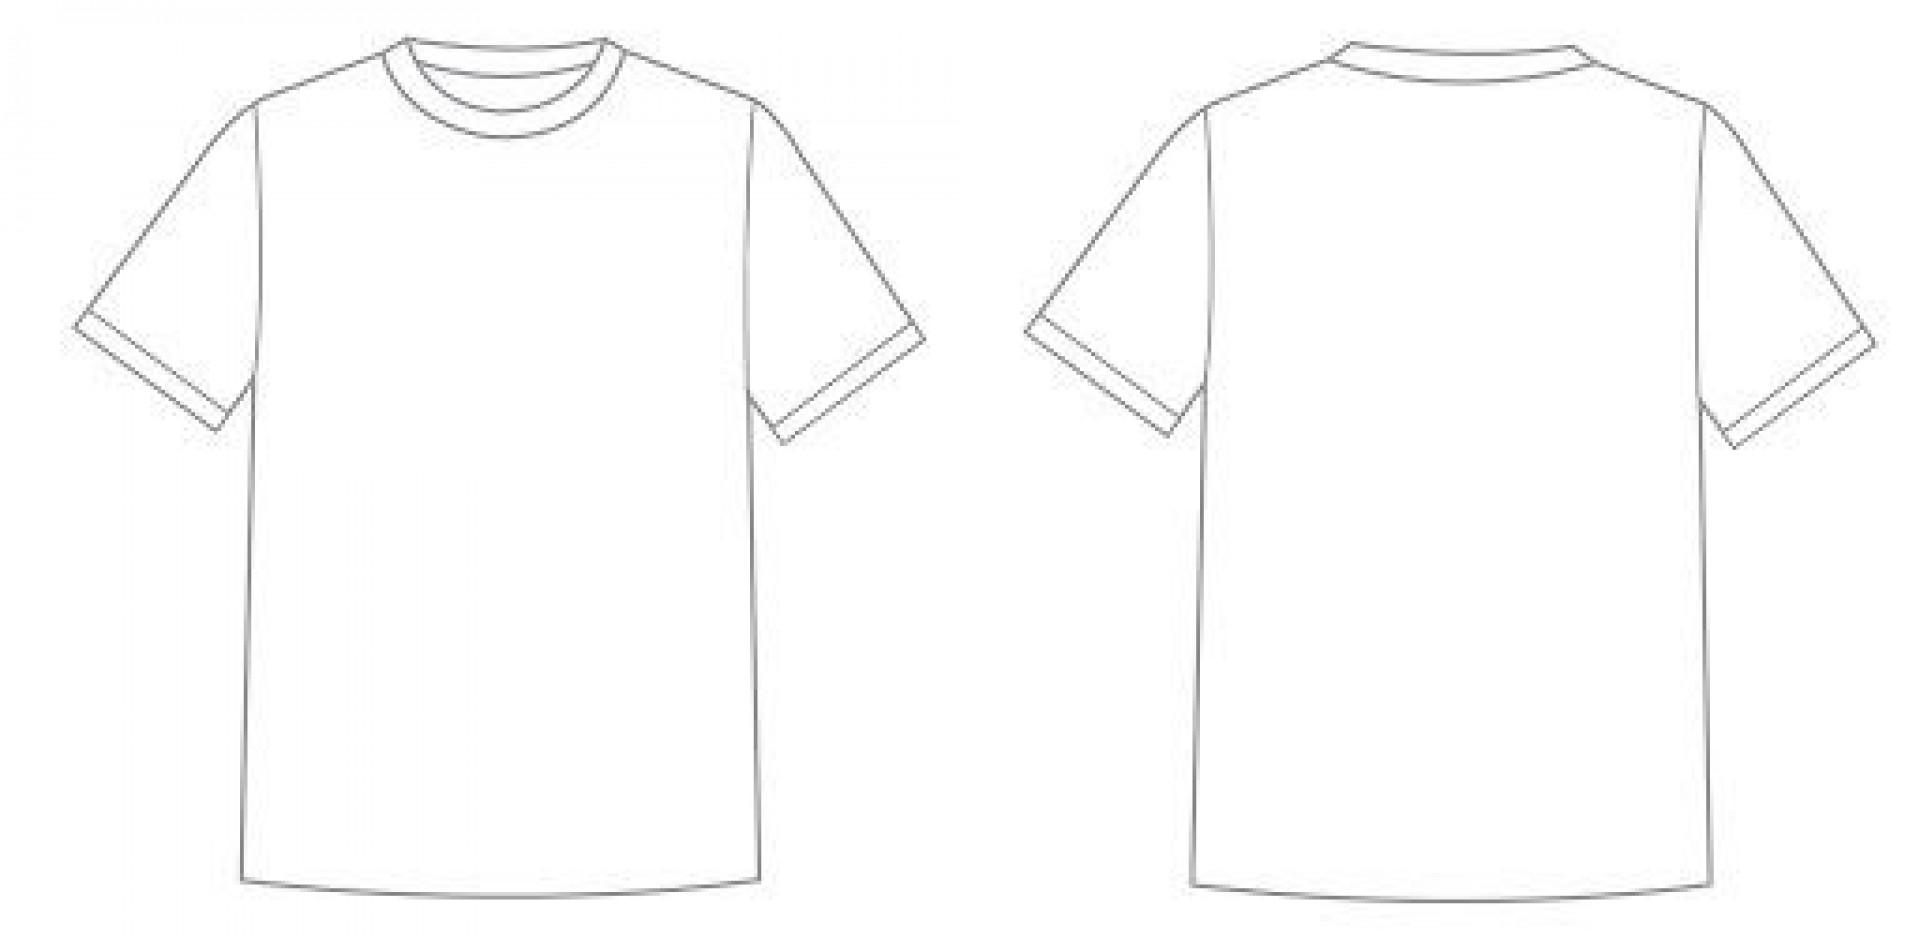 001 Astounding T Shirt Design Template Psd High Definition  Blank T-shirt Editable1920